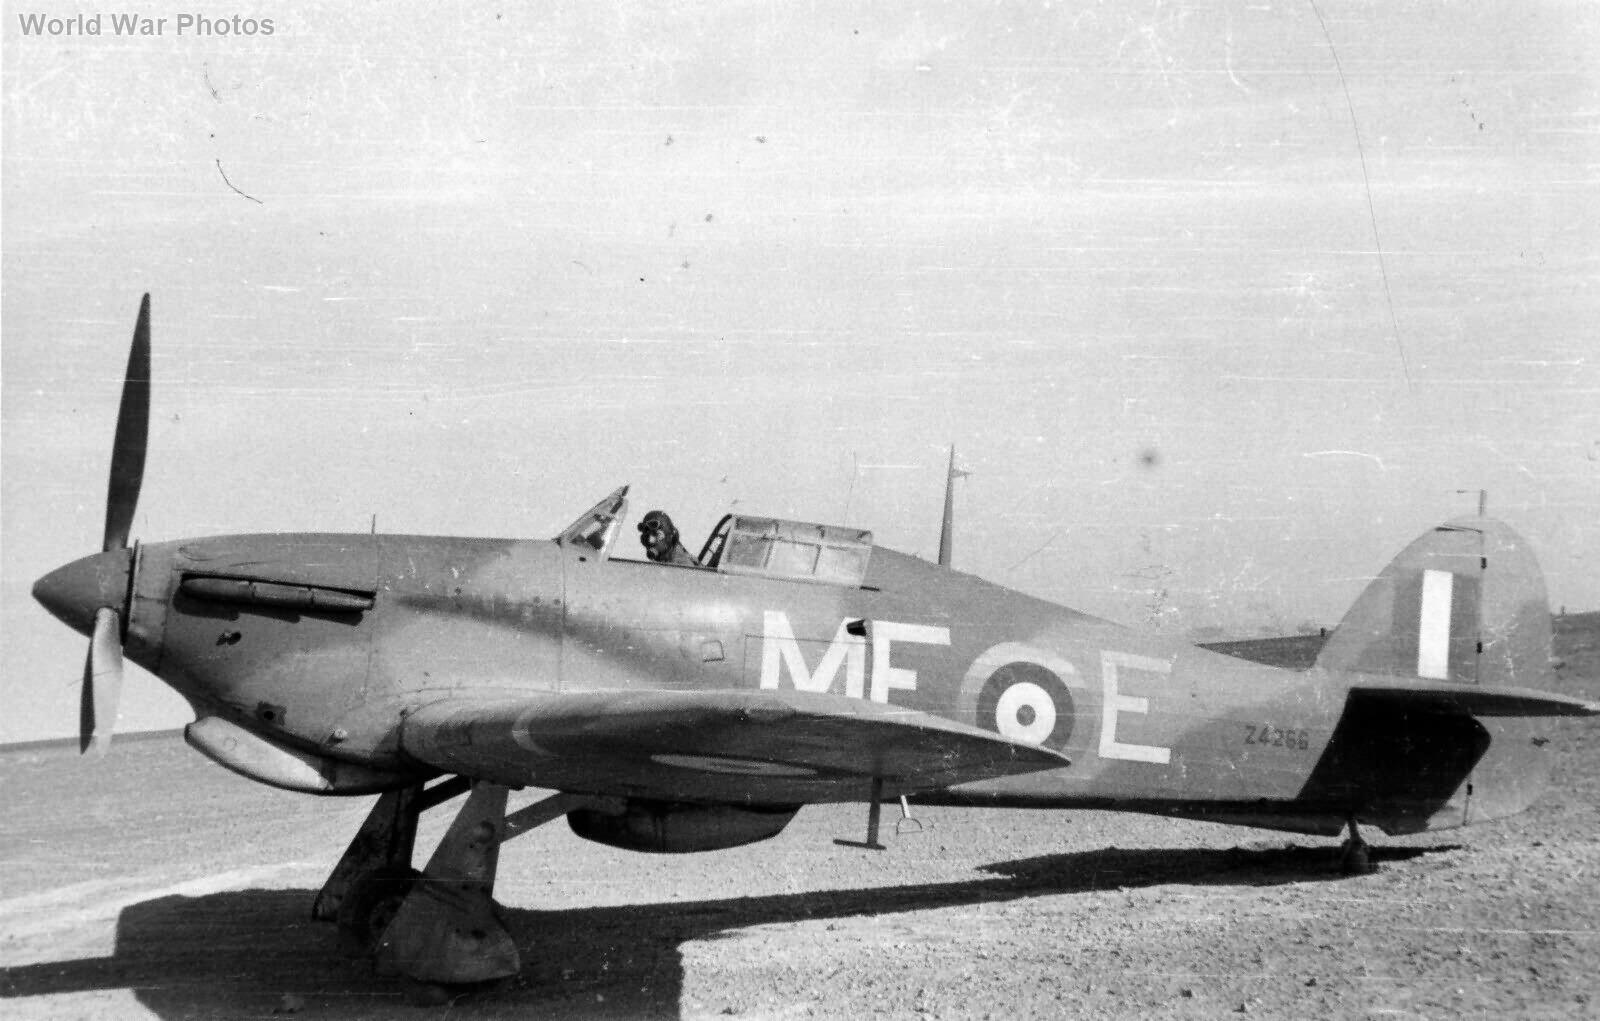 Hawker Hurricane Z4266 260 Squadron